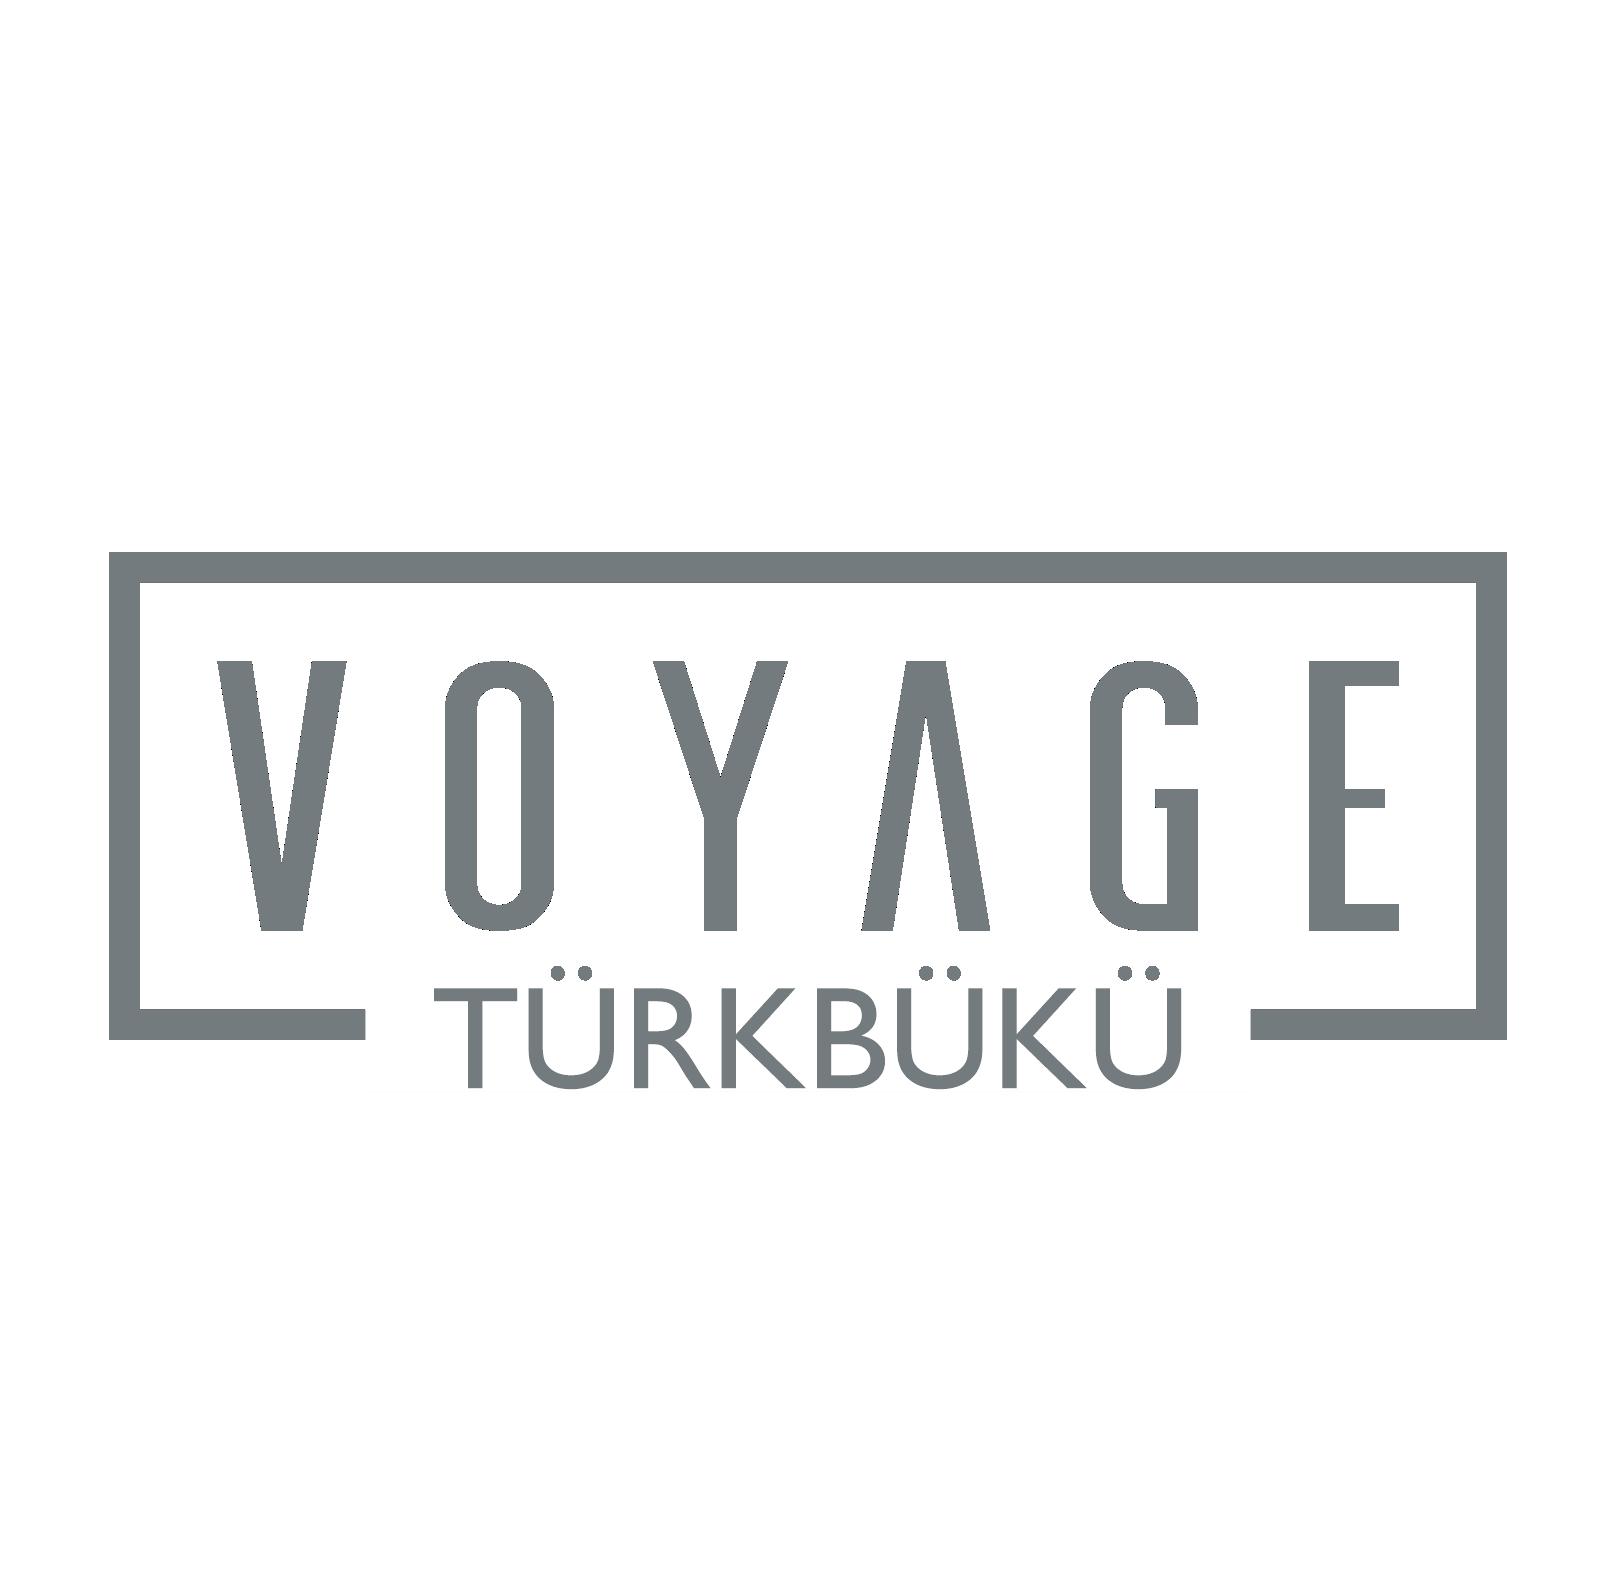 VOYAGE TURKBUKU